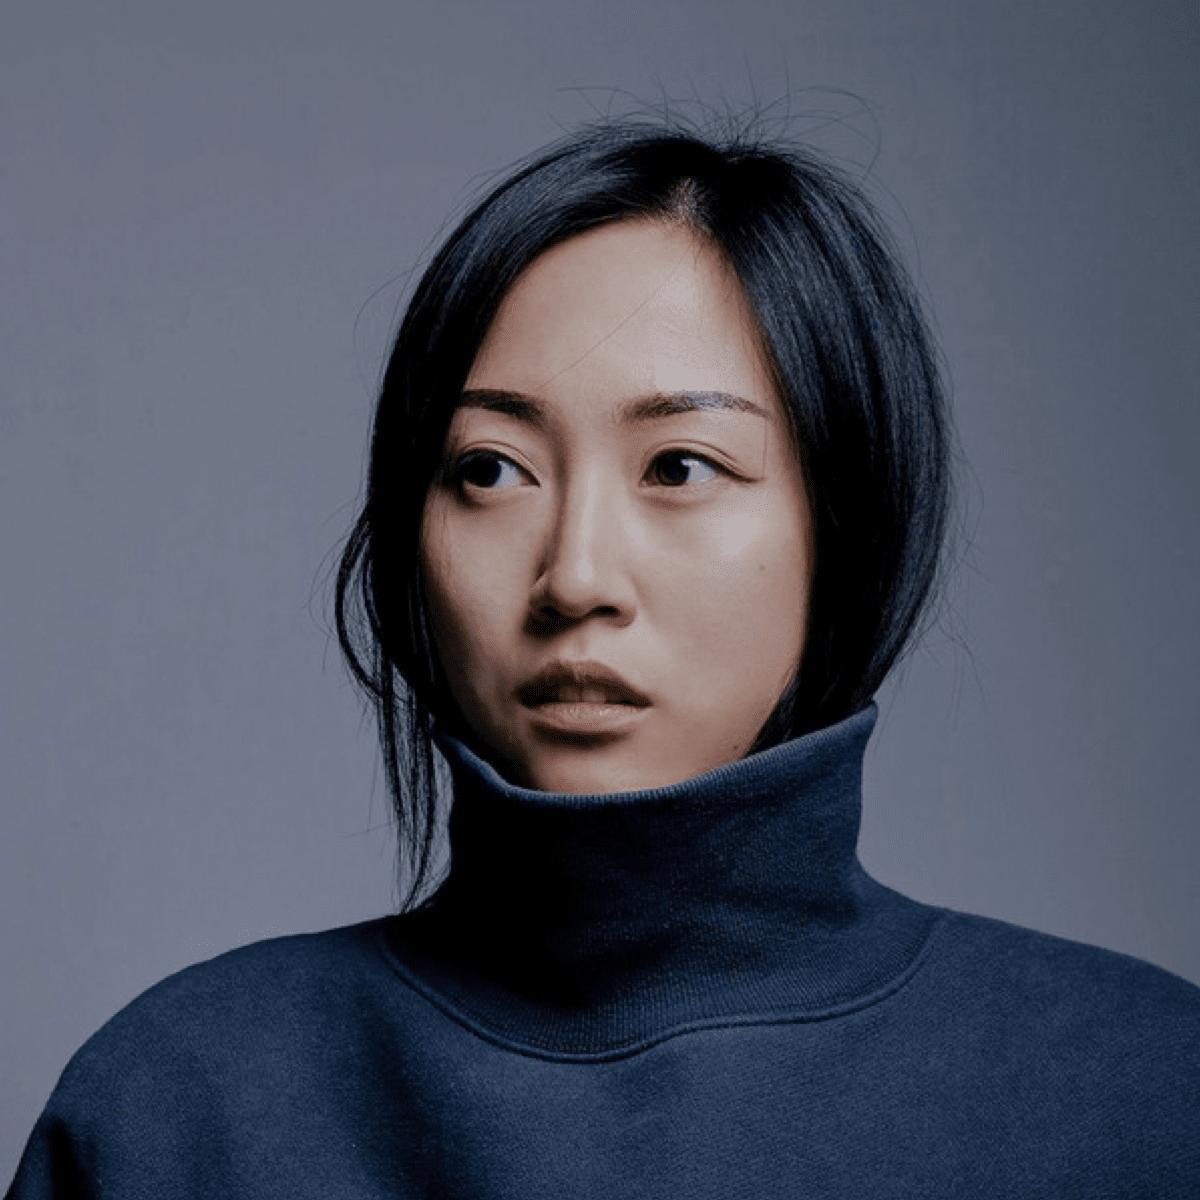 Shubostar Techno Queen sud-coréenne basée à Mexico. Elle lance son propre label uju Recards